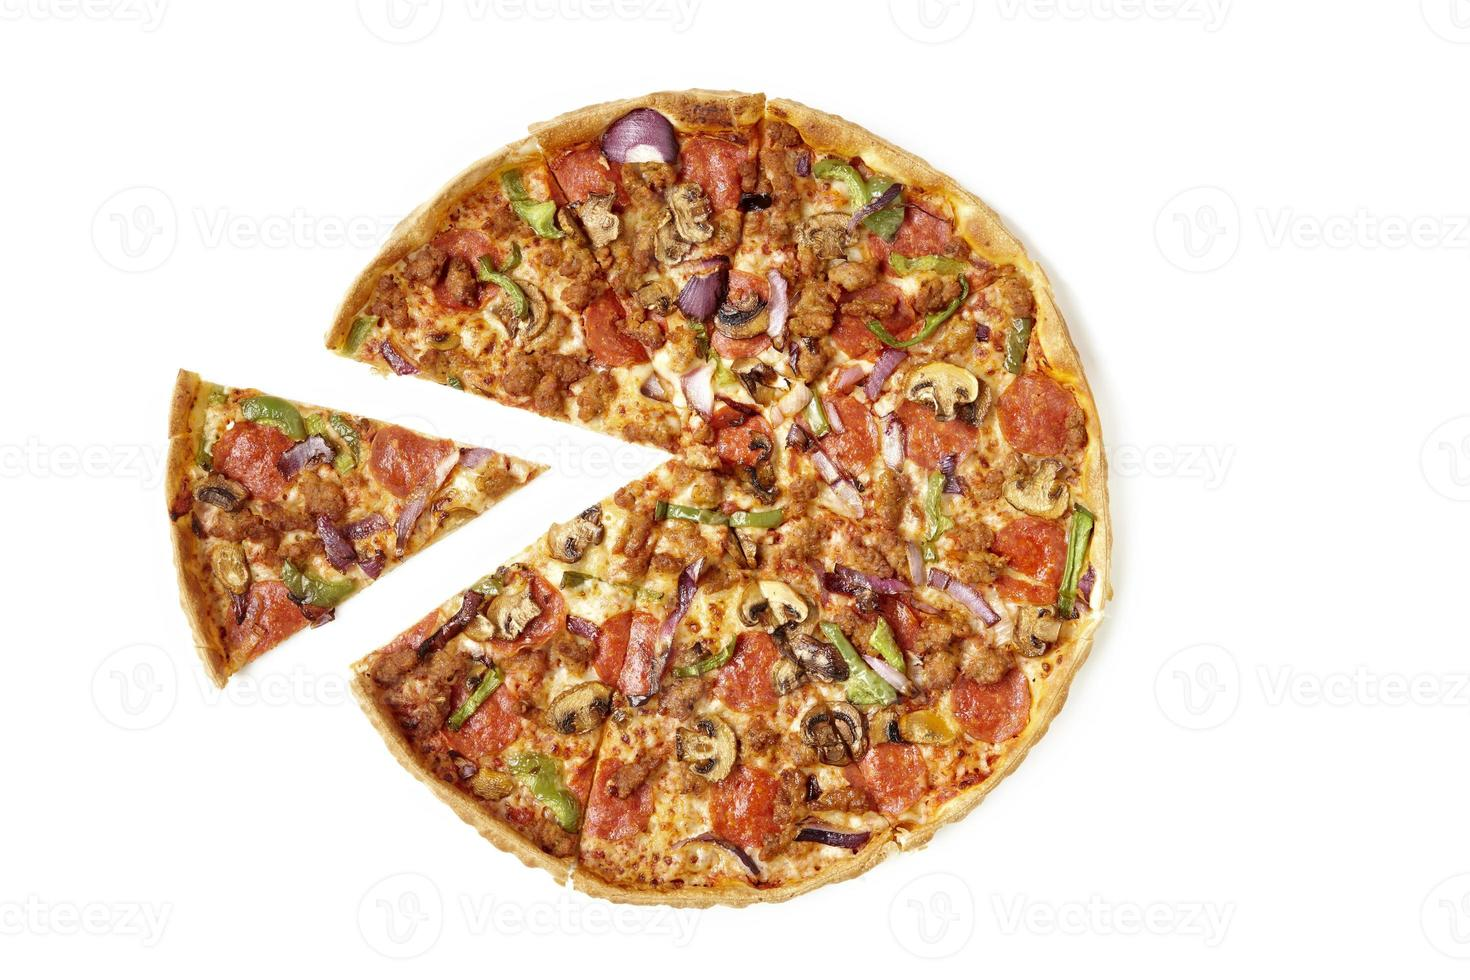 groente en pepperoni pizza foto